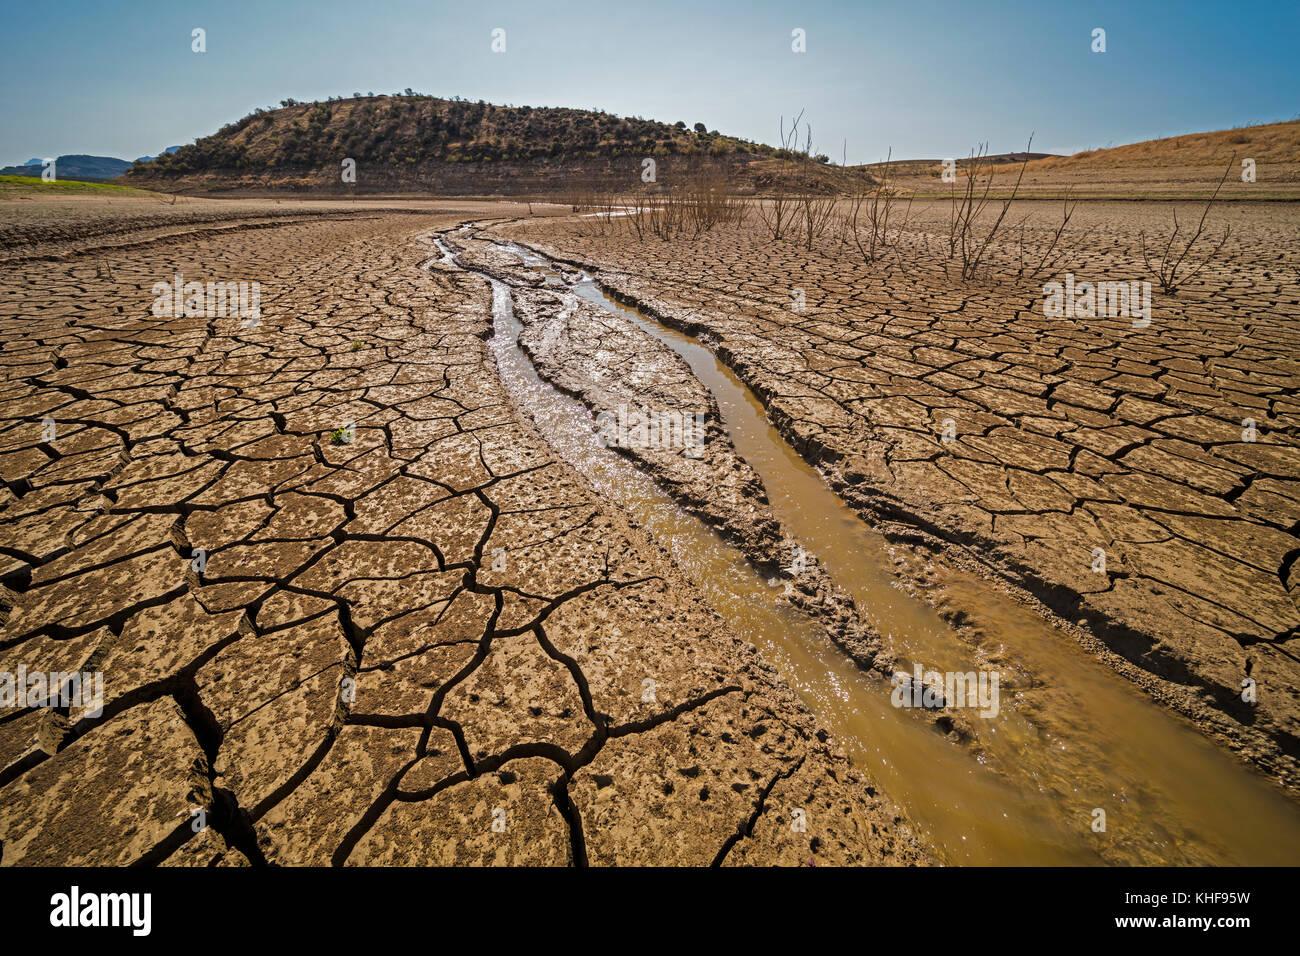 Près de Ardales, la province de Malaga, Andalousie, Espagne du sud. Etat d'entrée de Guadalteba-Guadalhorce dam en octobre 2017 après avoir été chaud sans ra Banque D'Images